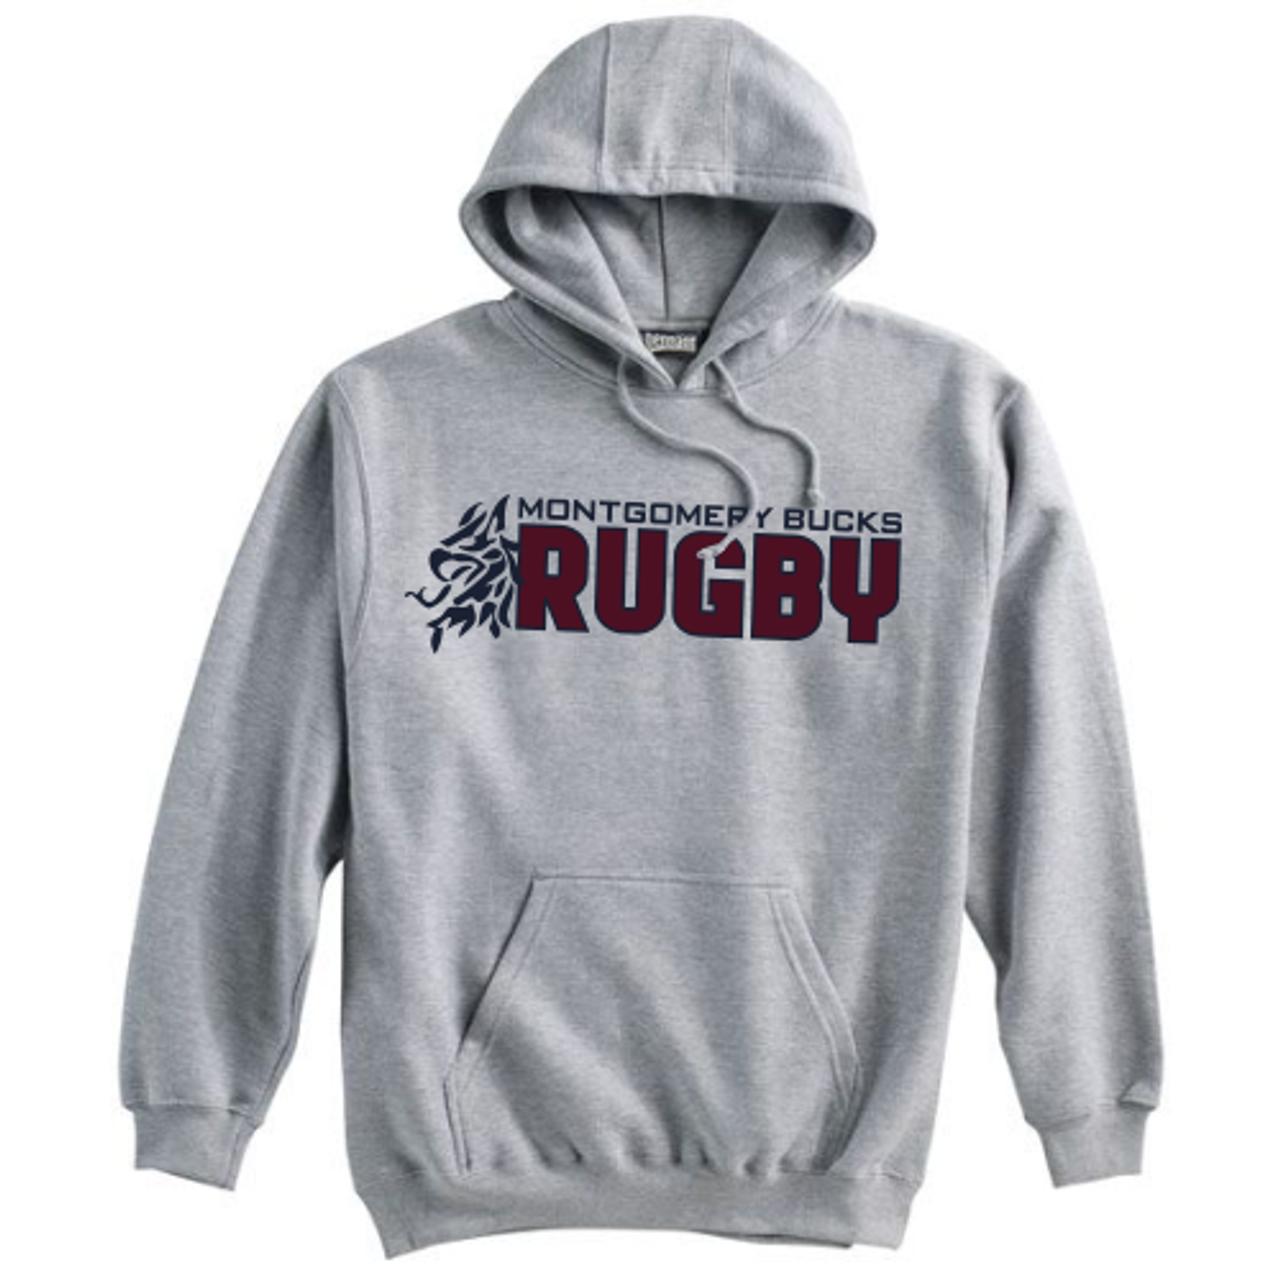 MB Rugby Hoodie, Gray